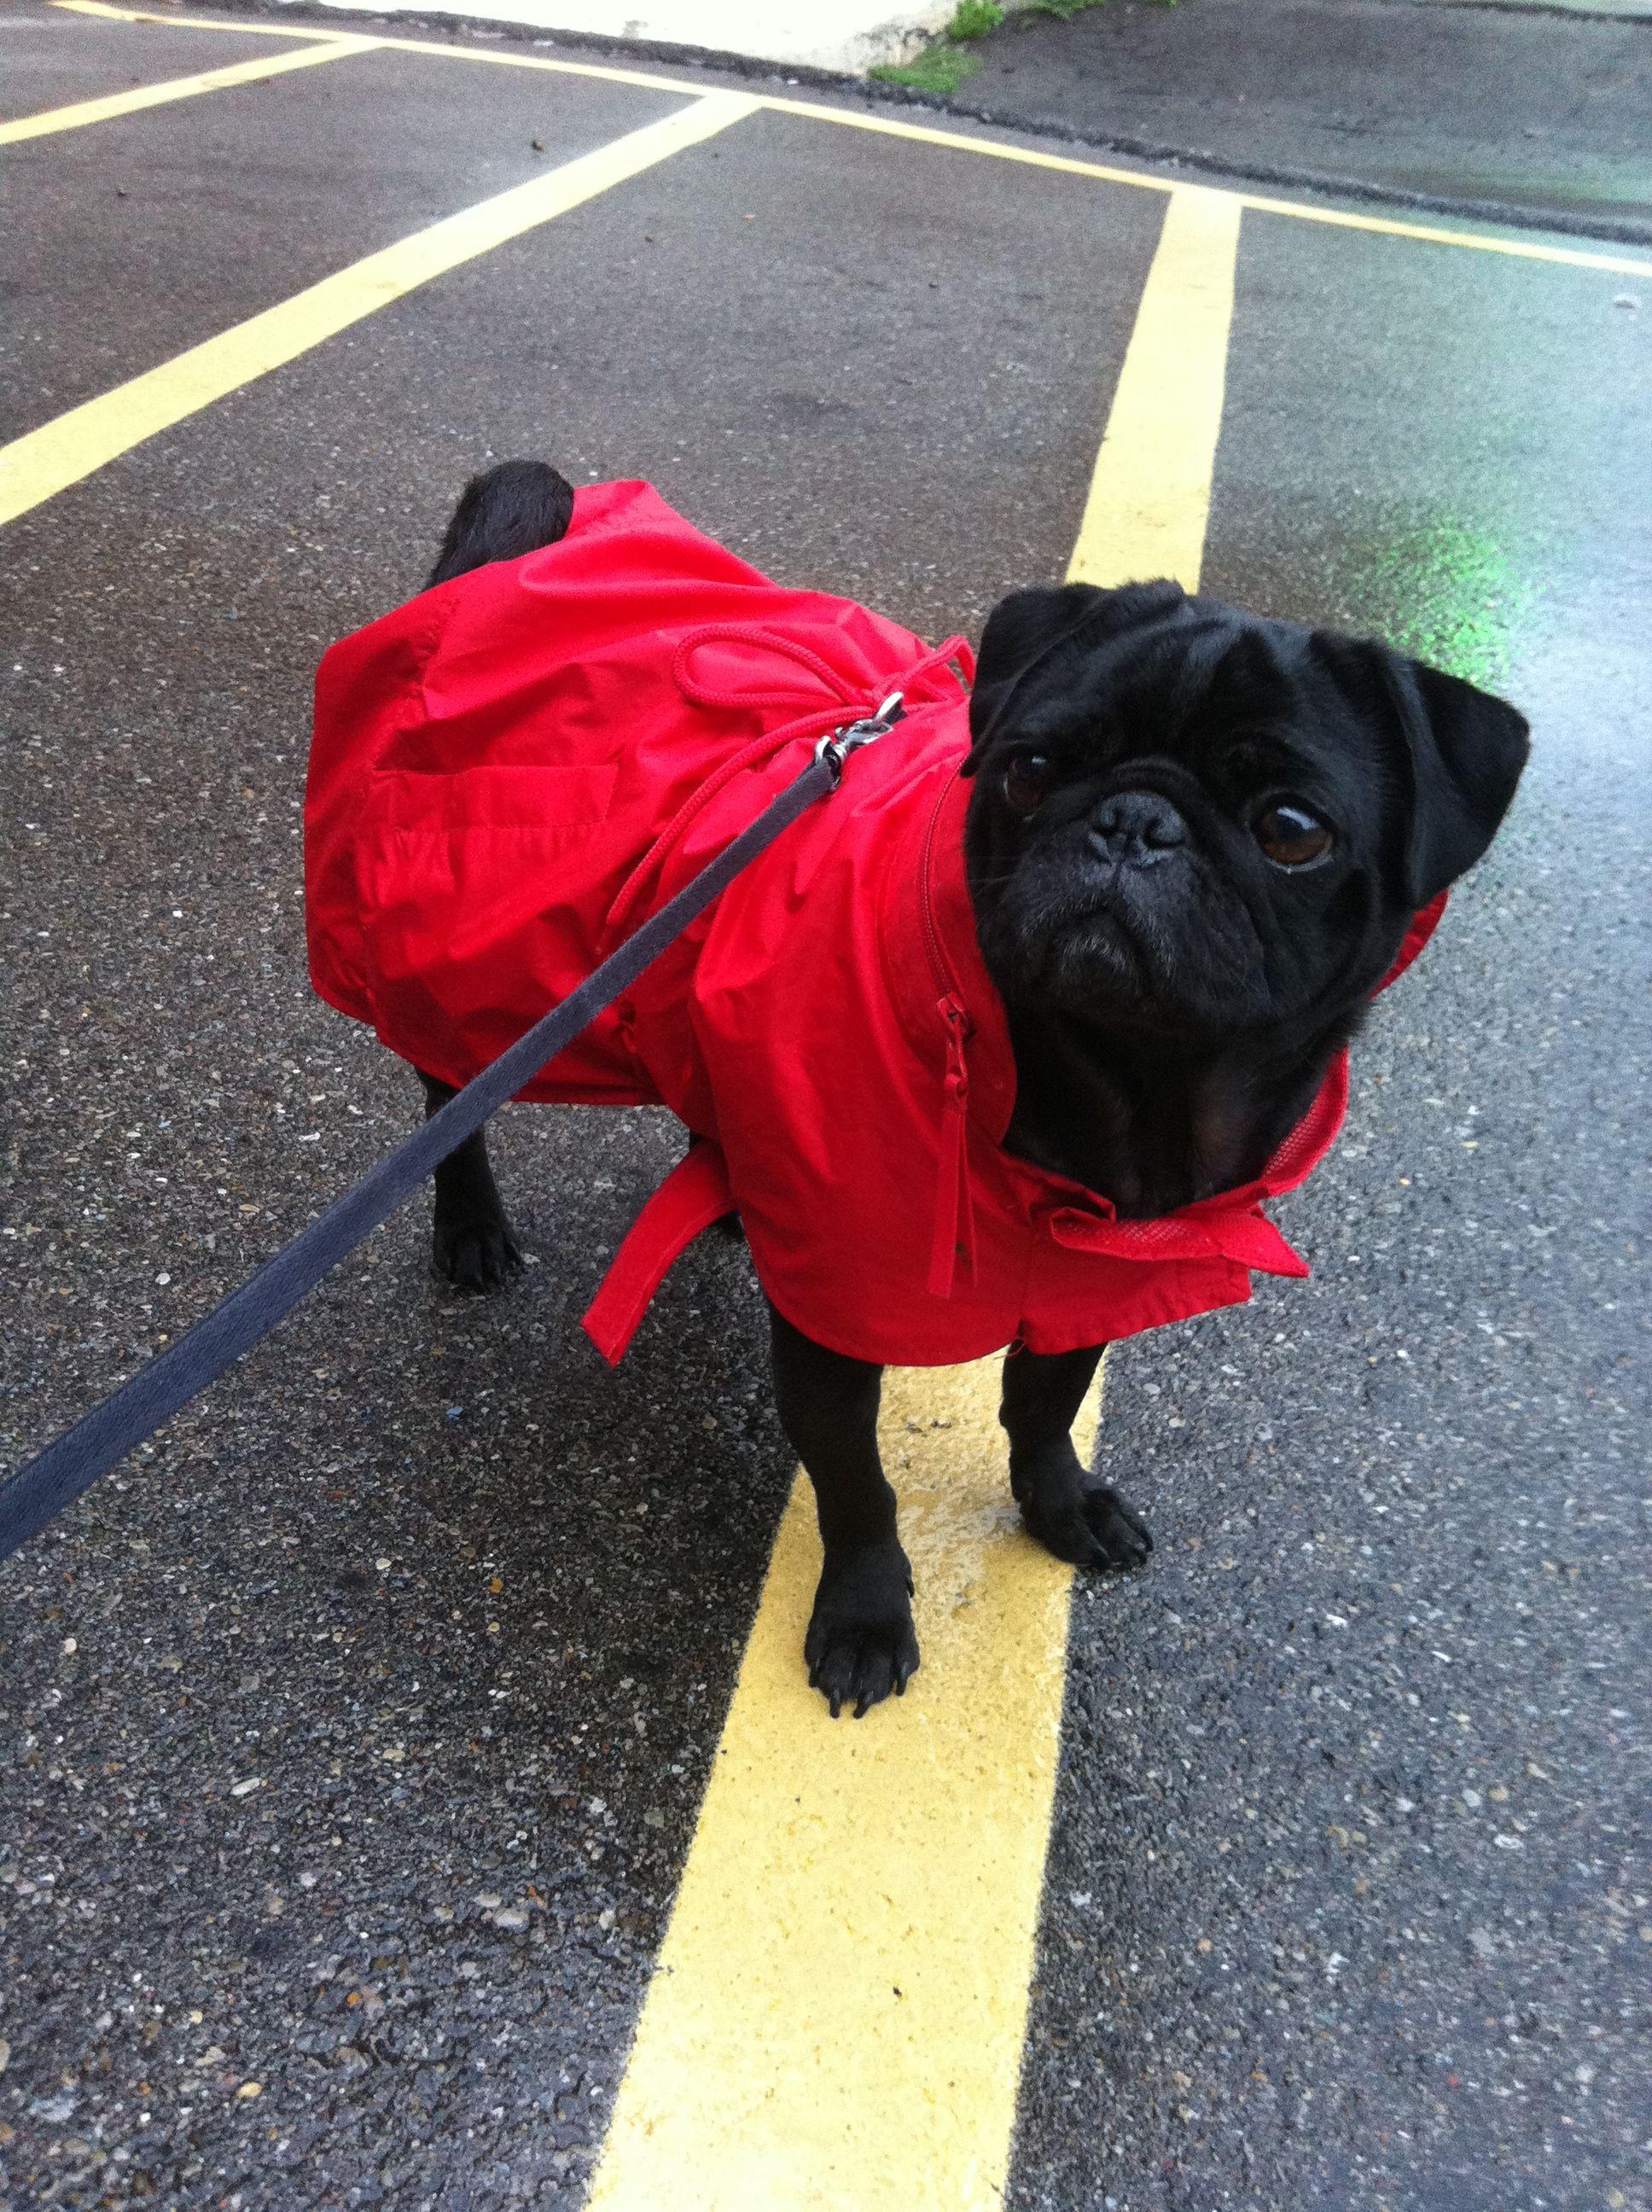 In Her Red Rain Coat Pug Love Black Pug Pug Dog